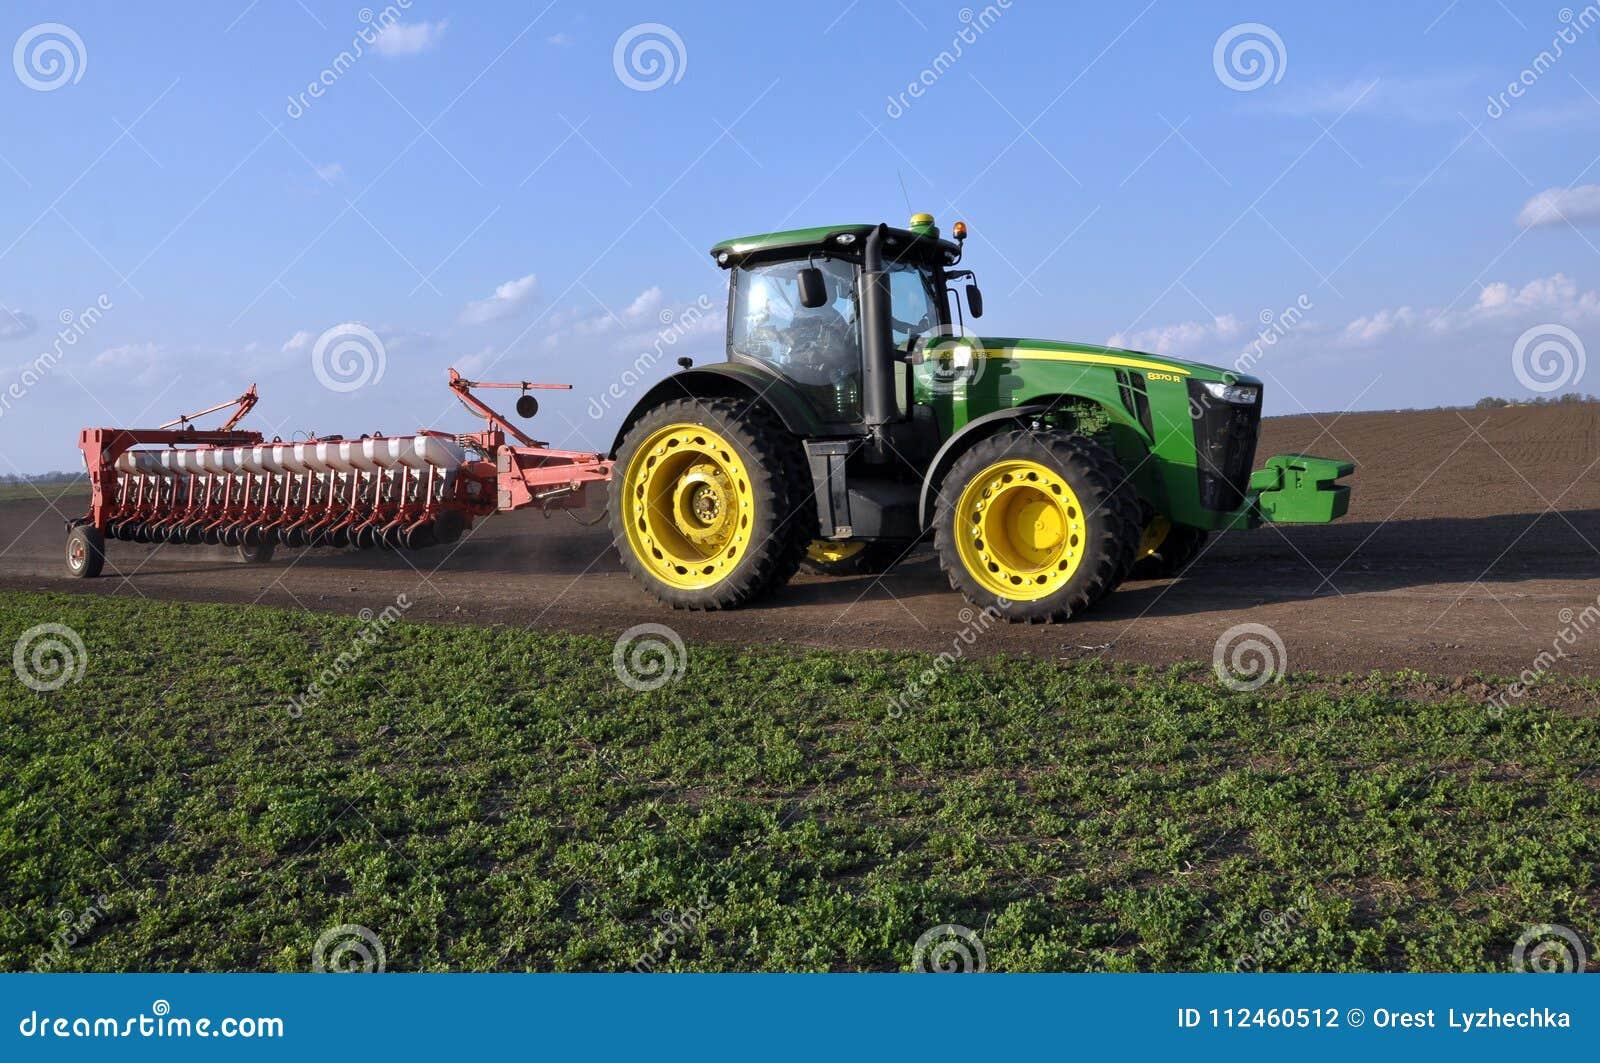 Le tracteur puissant transporte le foret de graine universel de 18 rangées